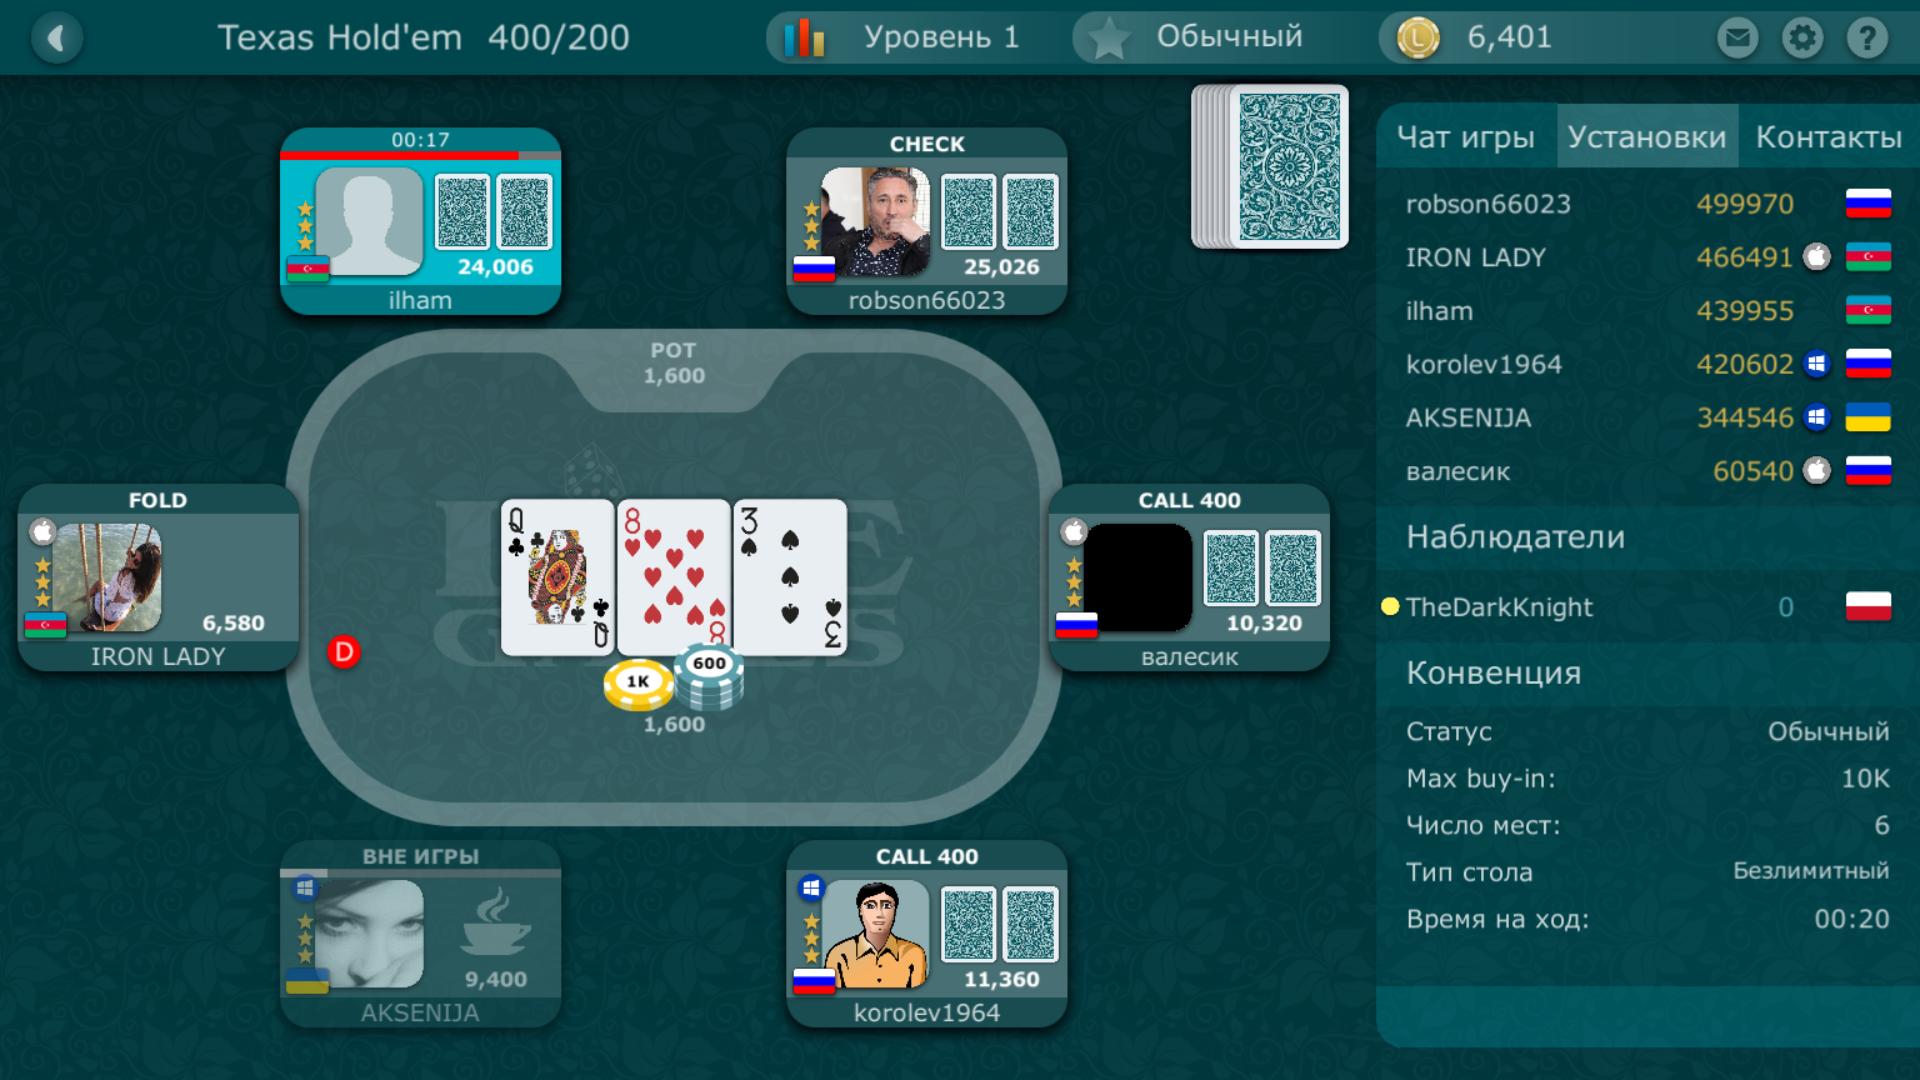 яндекс игры онлайн покер